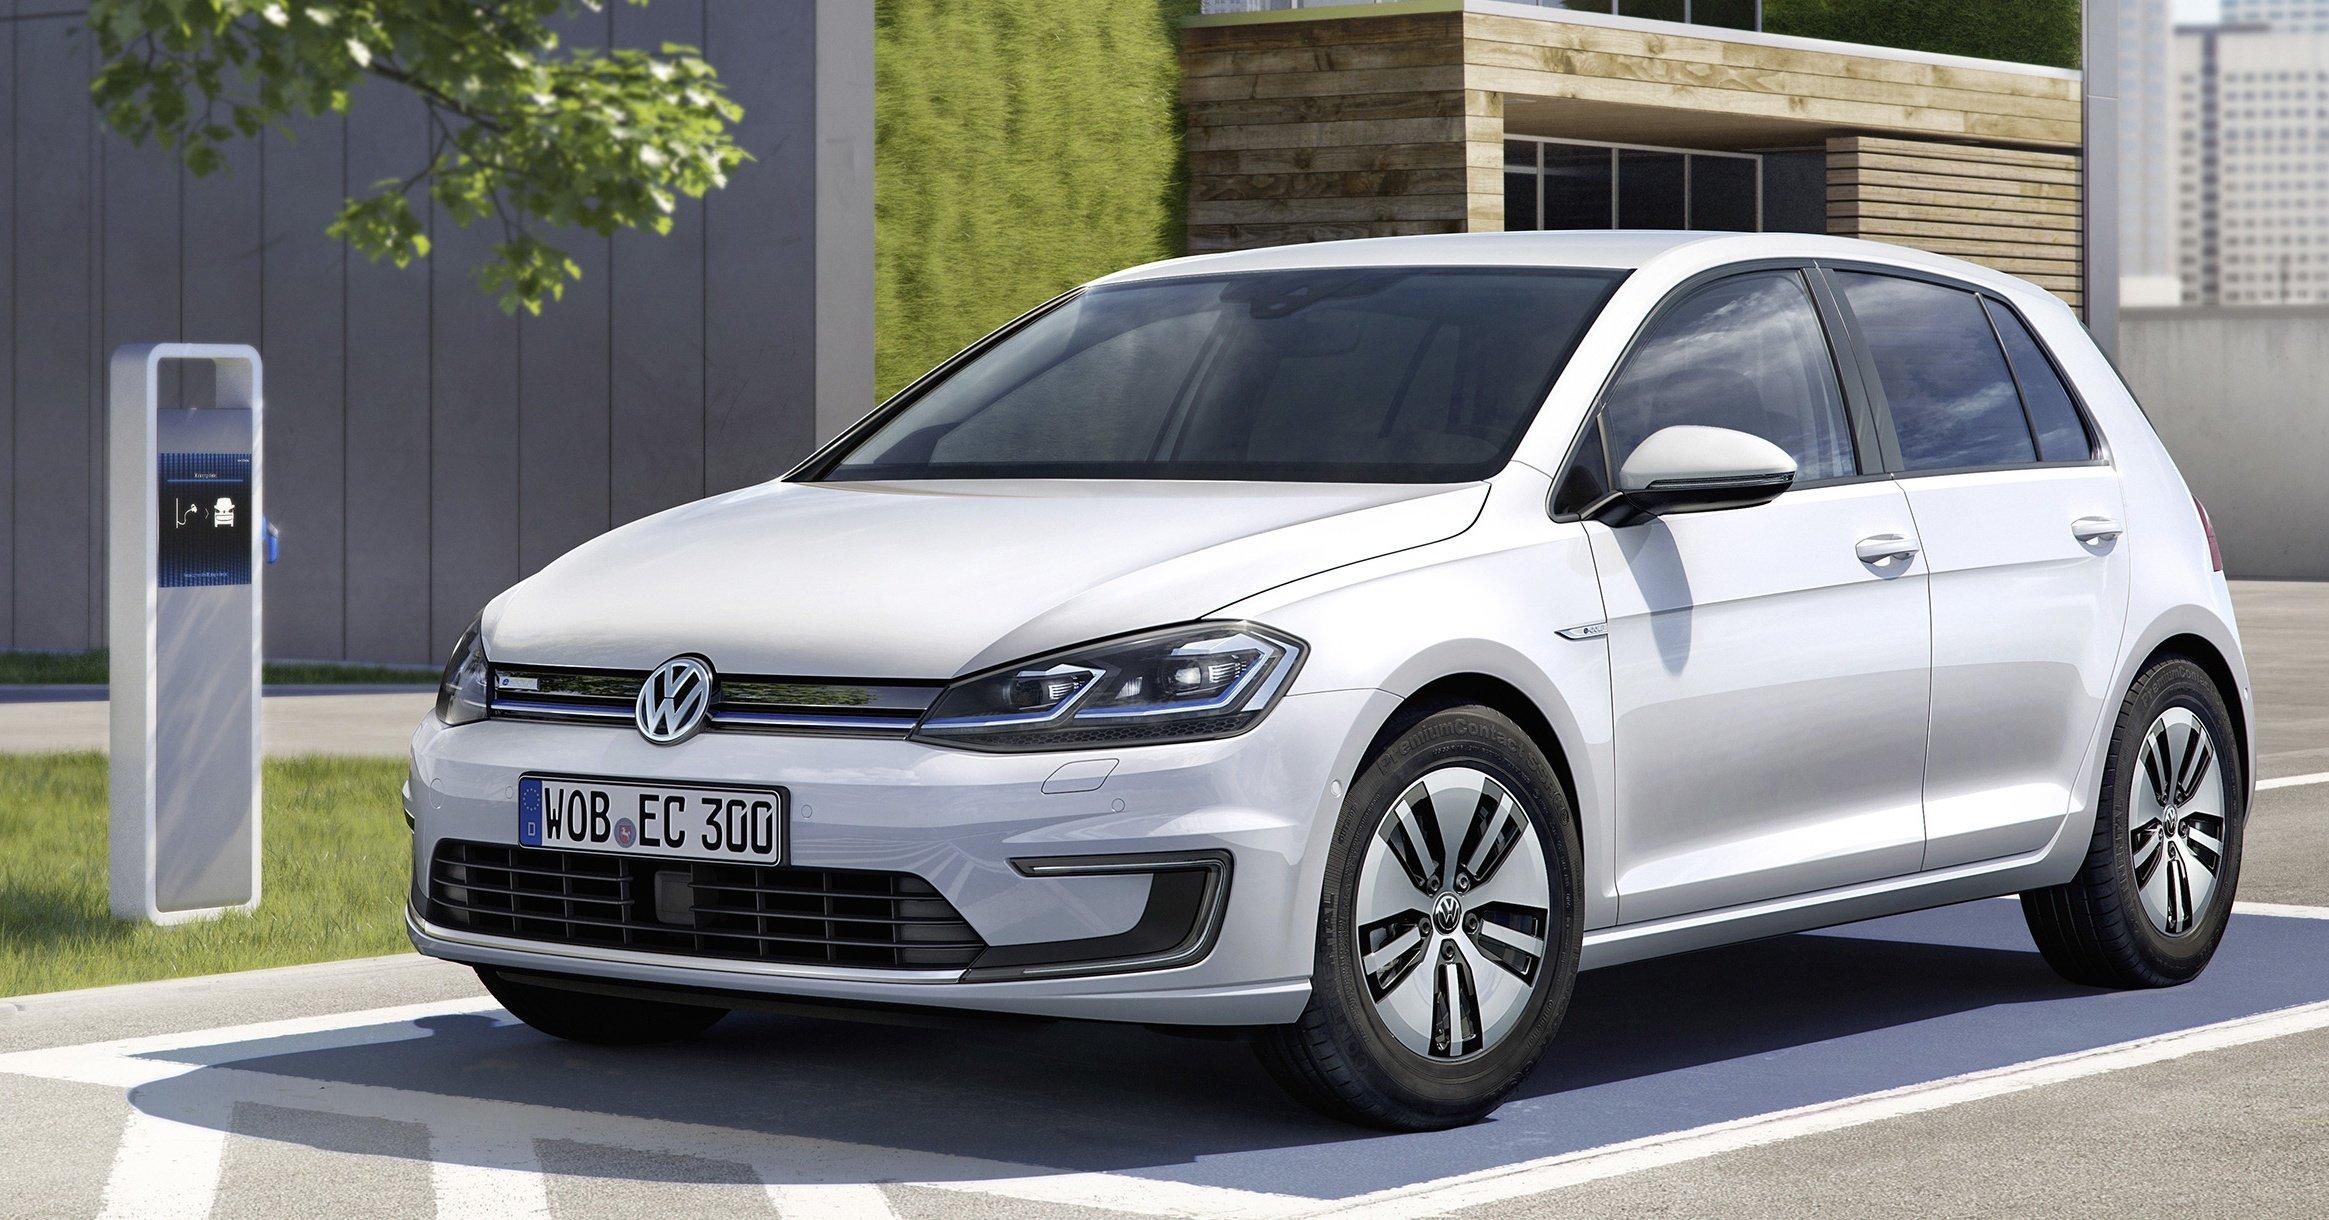 volkswagen e golf facelift new looks more range. Black Bedroom Furniture Sets. Home Design Ideas